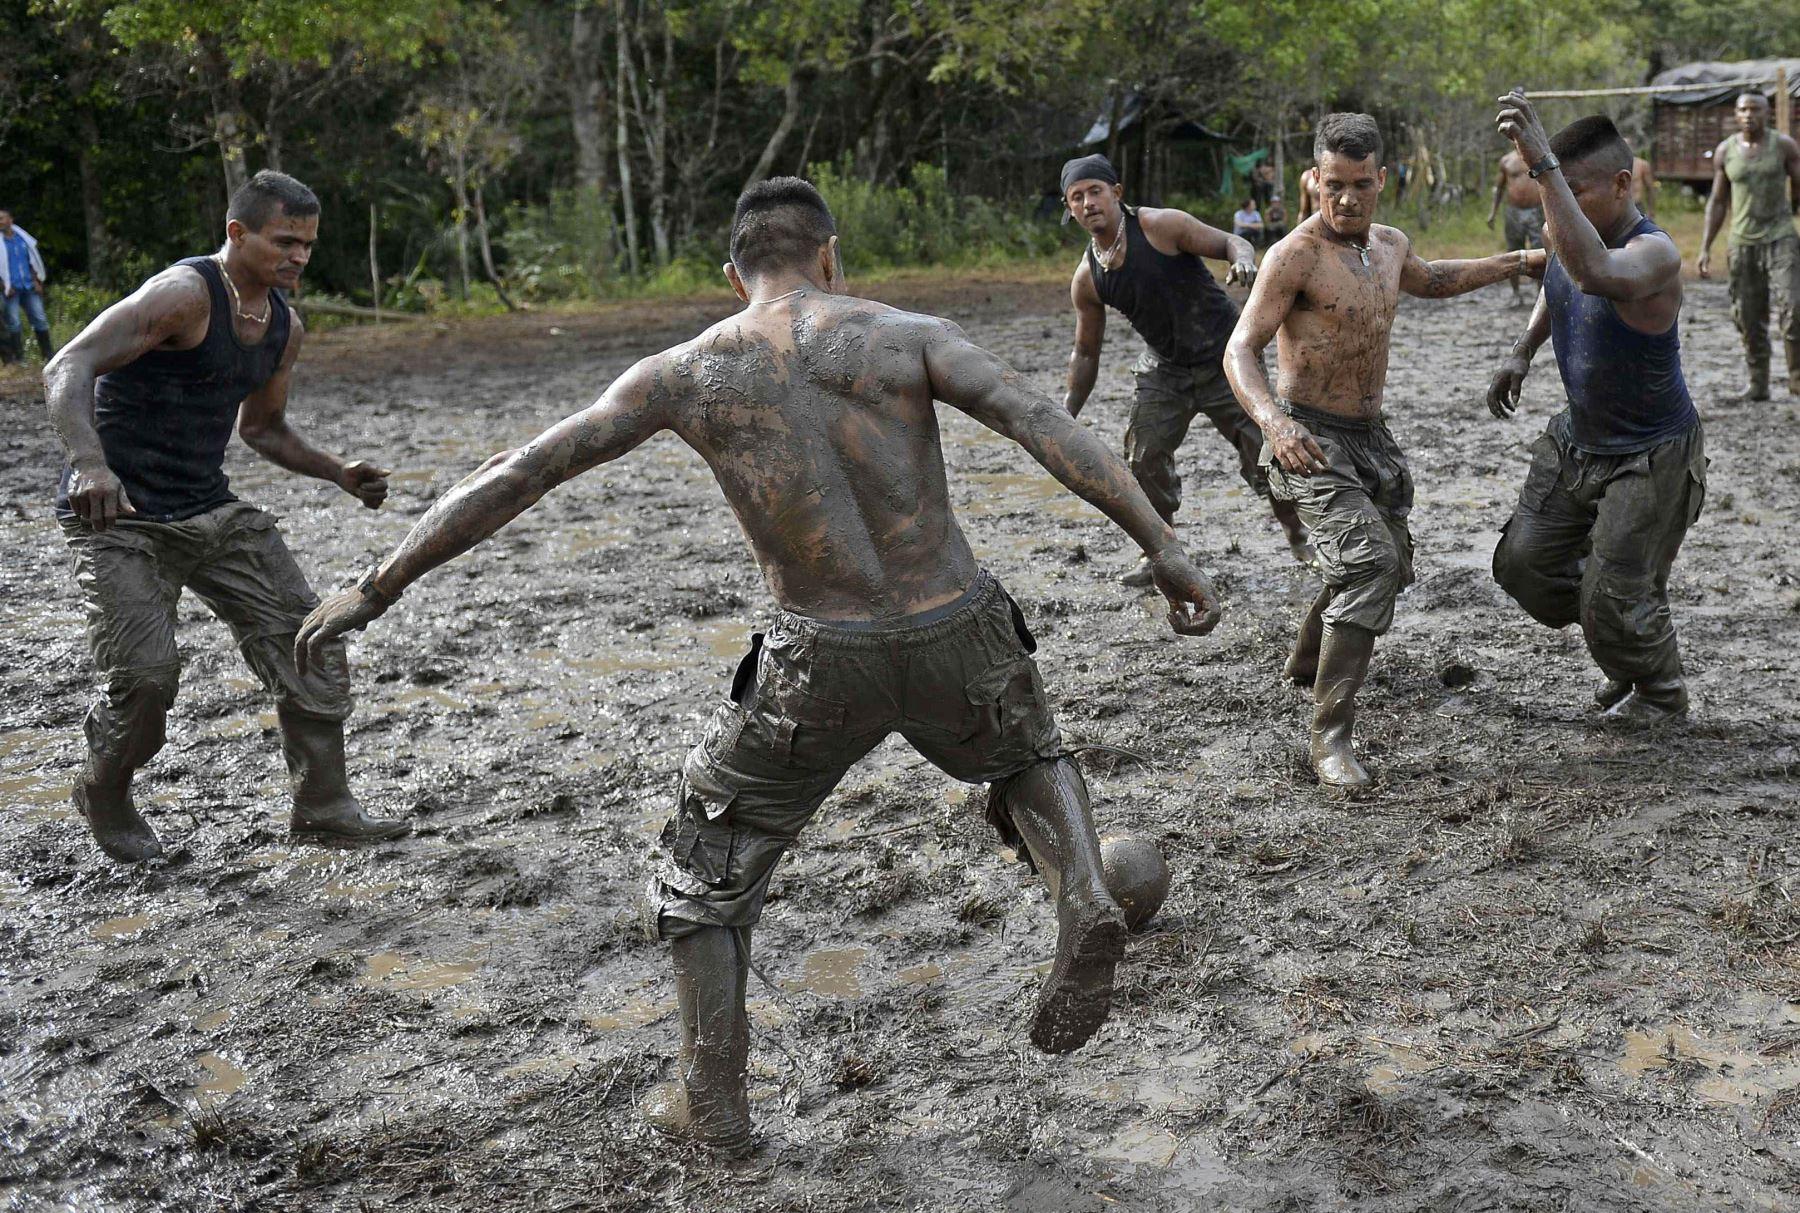 Miembros de la (FARC) juegan al fútbol en su campamento en El Diamante, departamento de Caquetá, Colombia. Foto: AFP